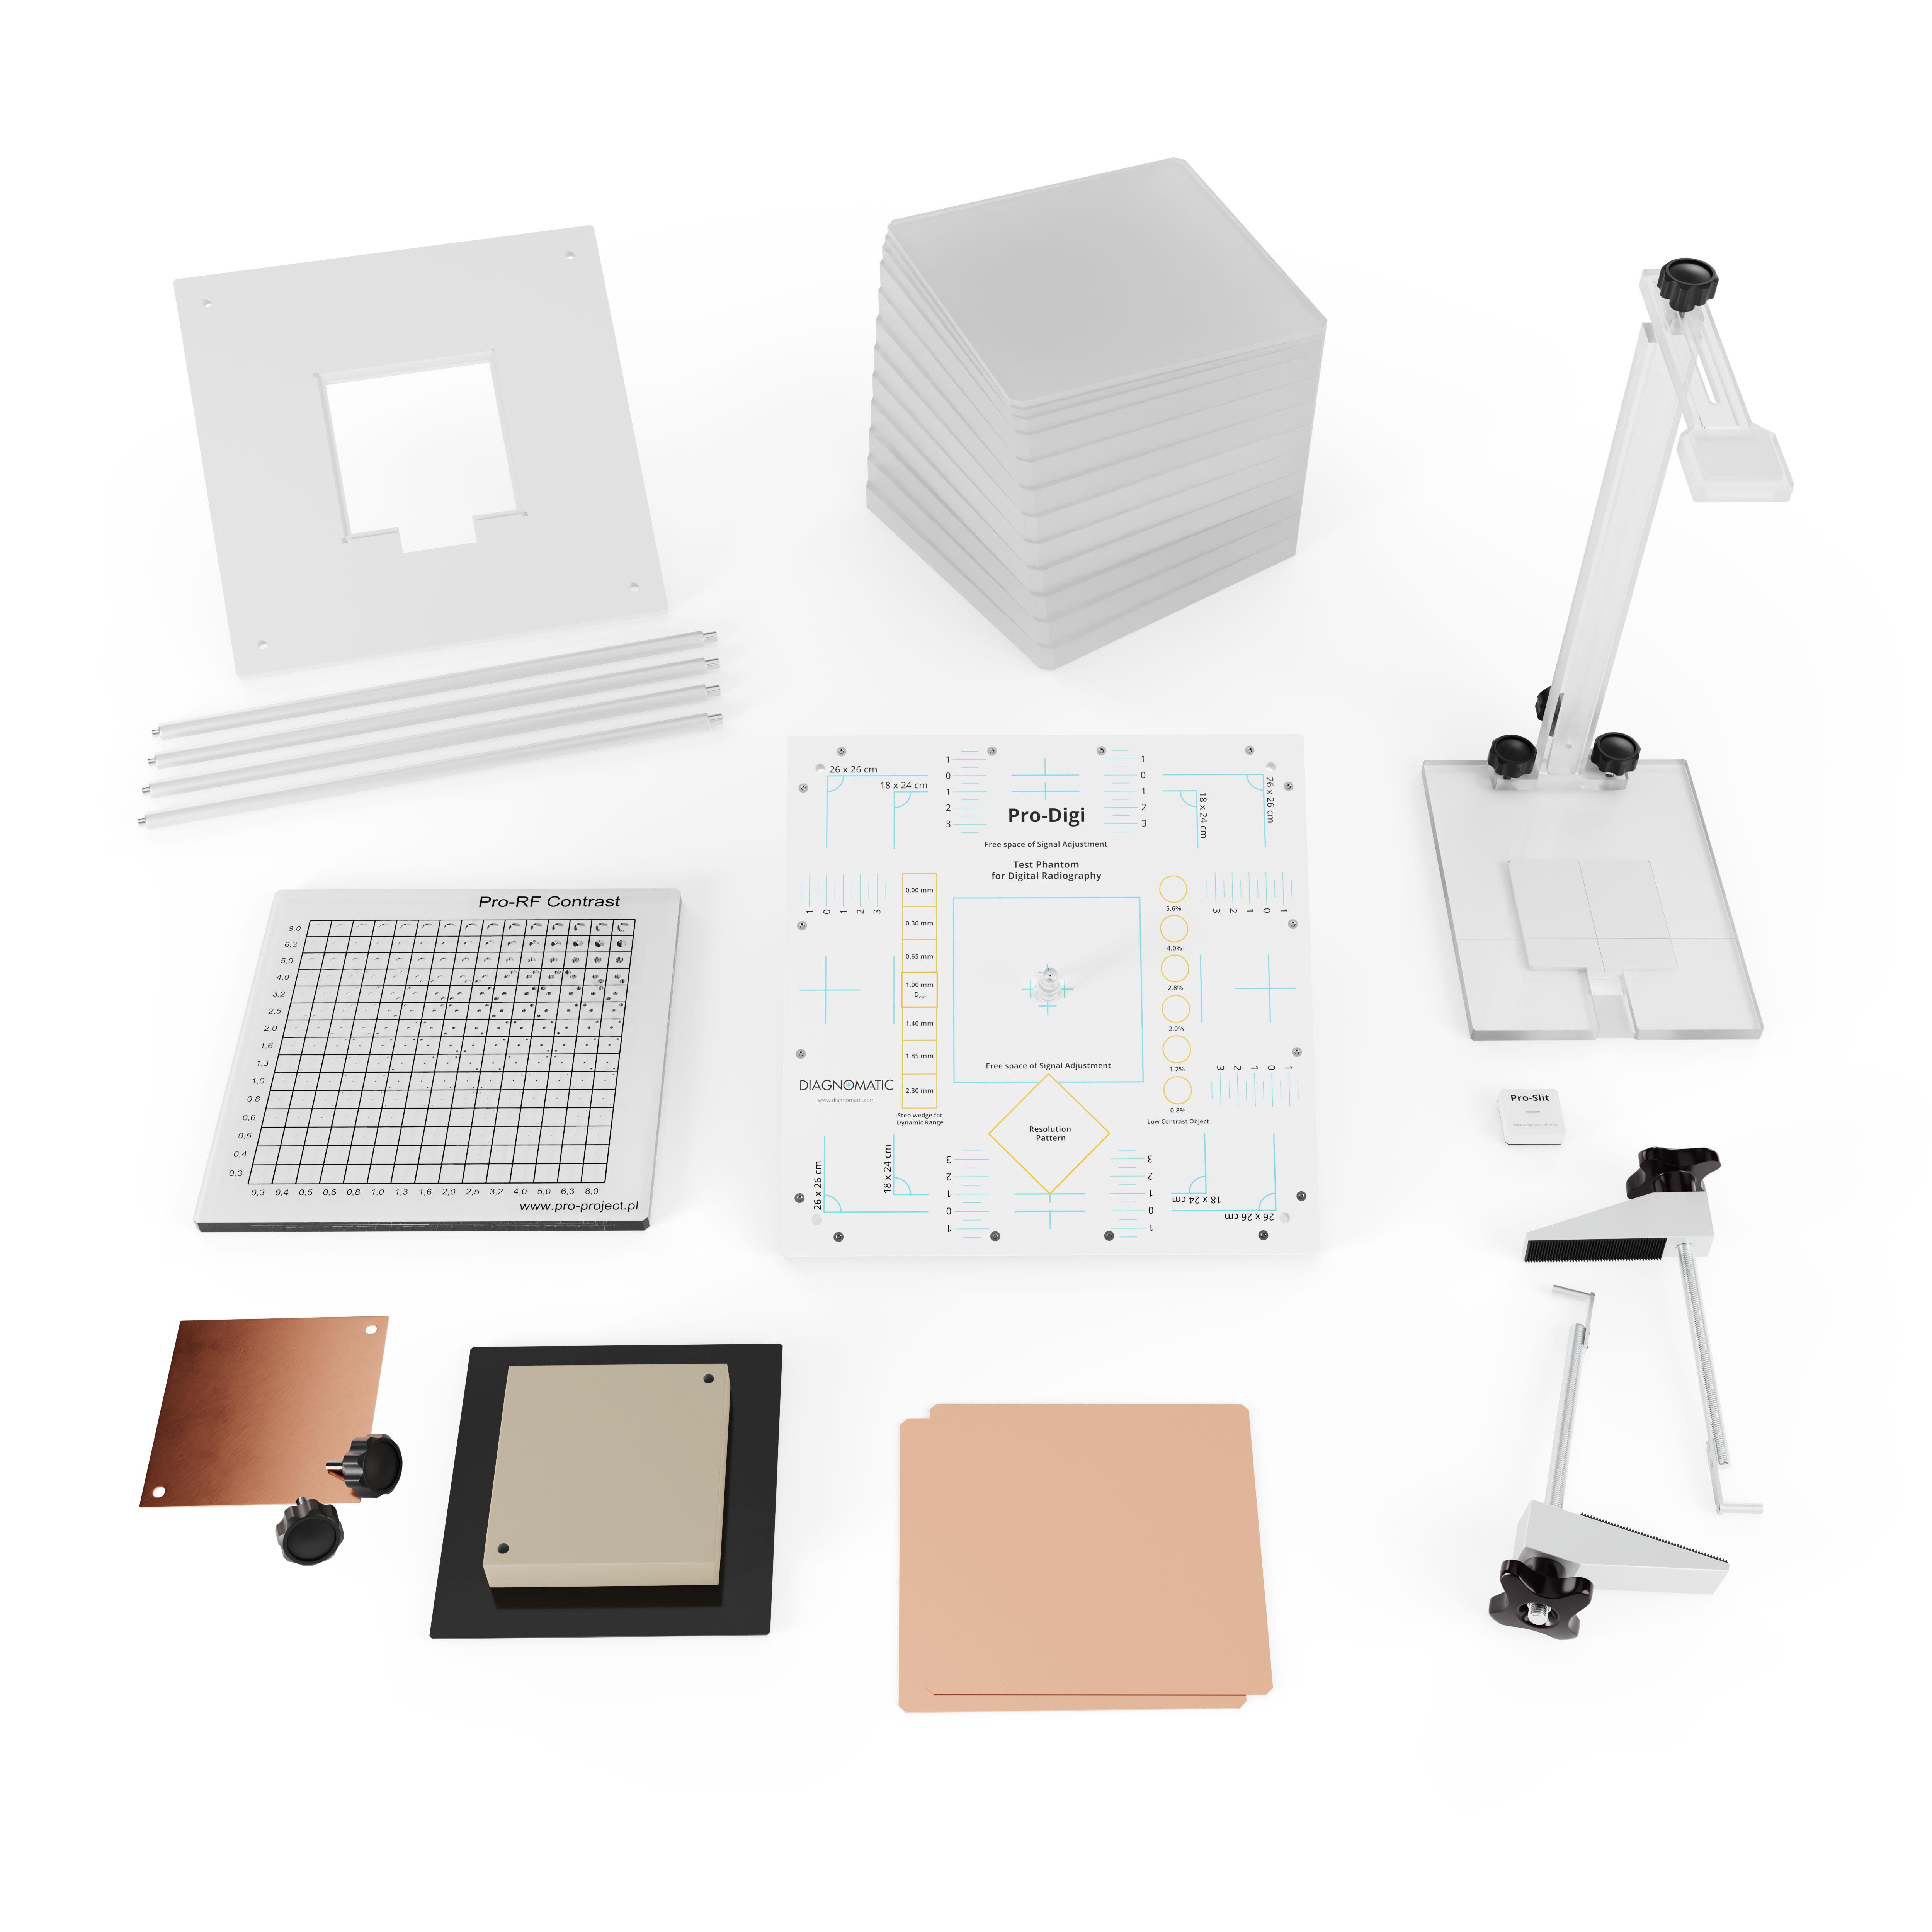 Pro-Digi PRO kit